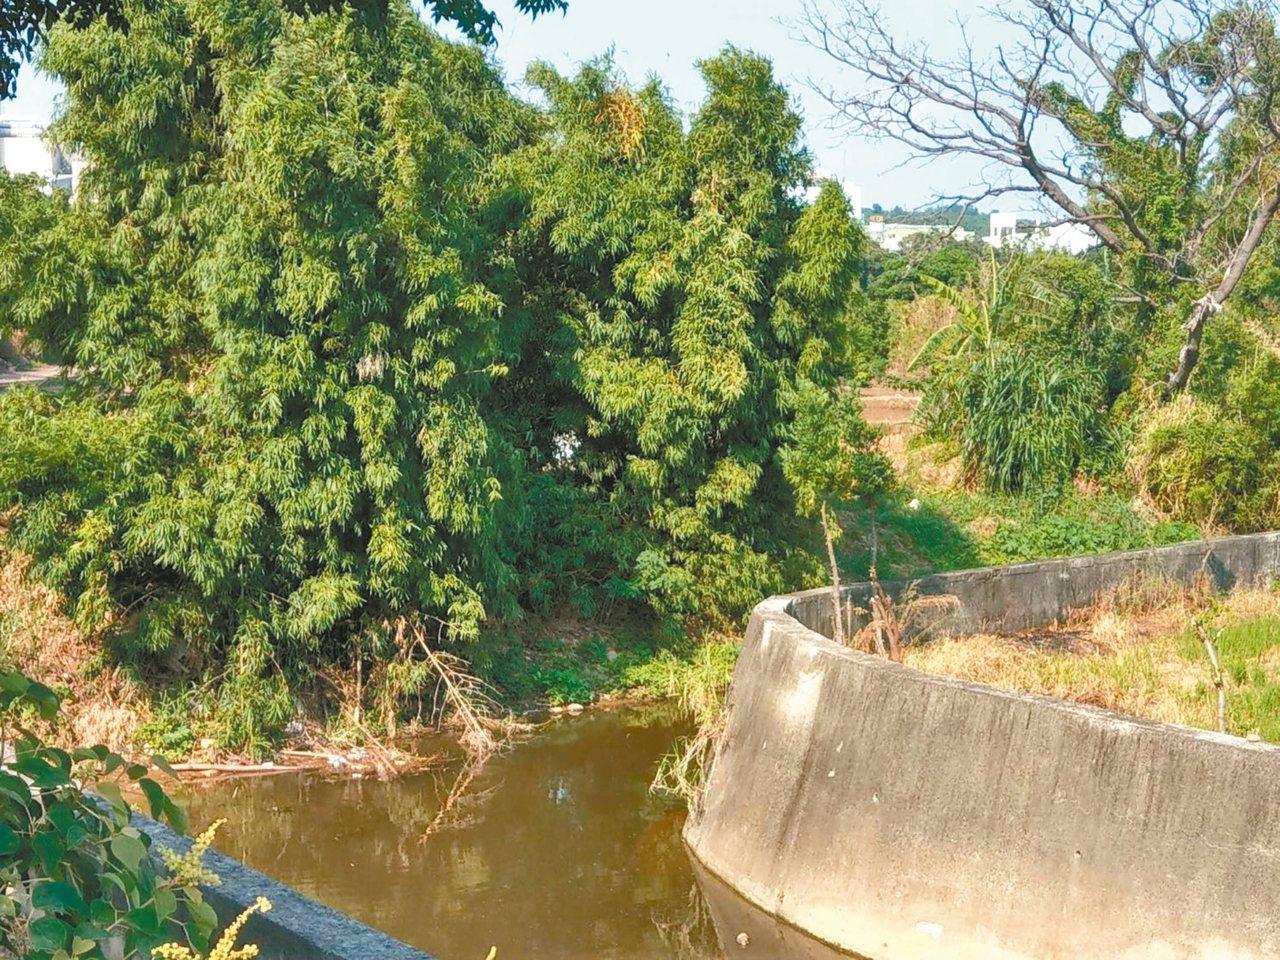 新豐鄉中崙支線排水護岸因護岸高度不足,遇豪大雨容易淹水,已獲得前瞻經費改善。 圖...